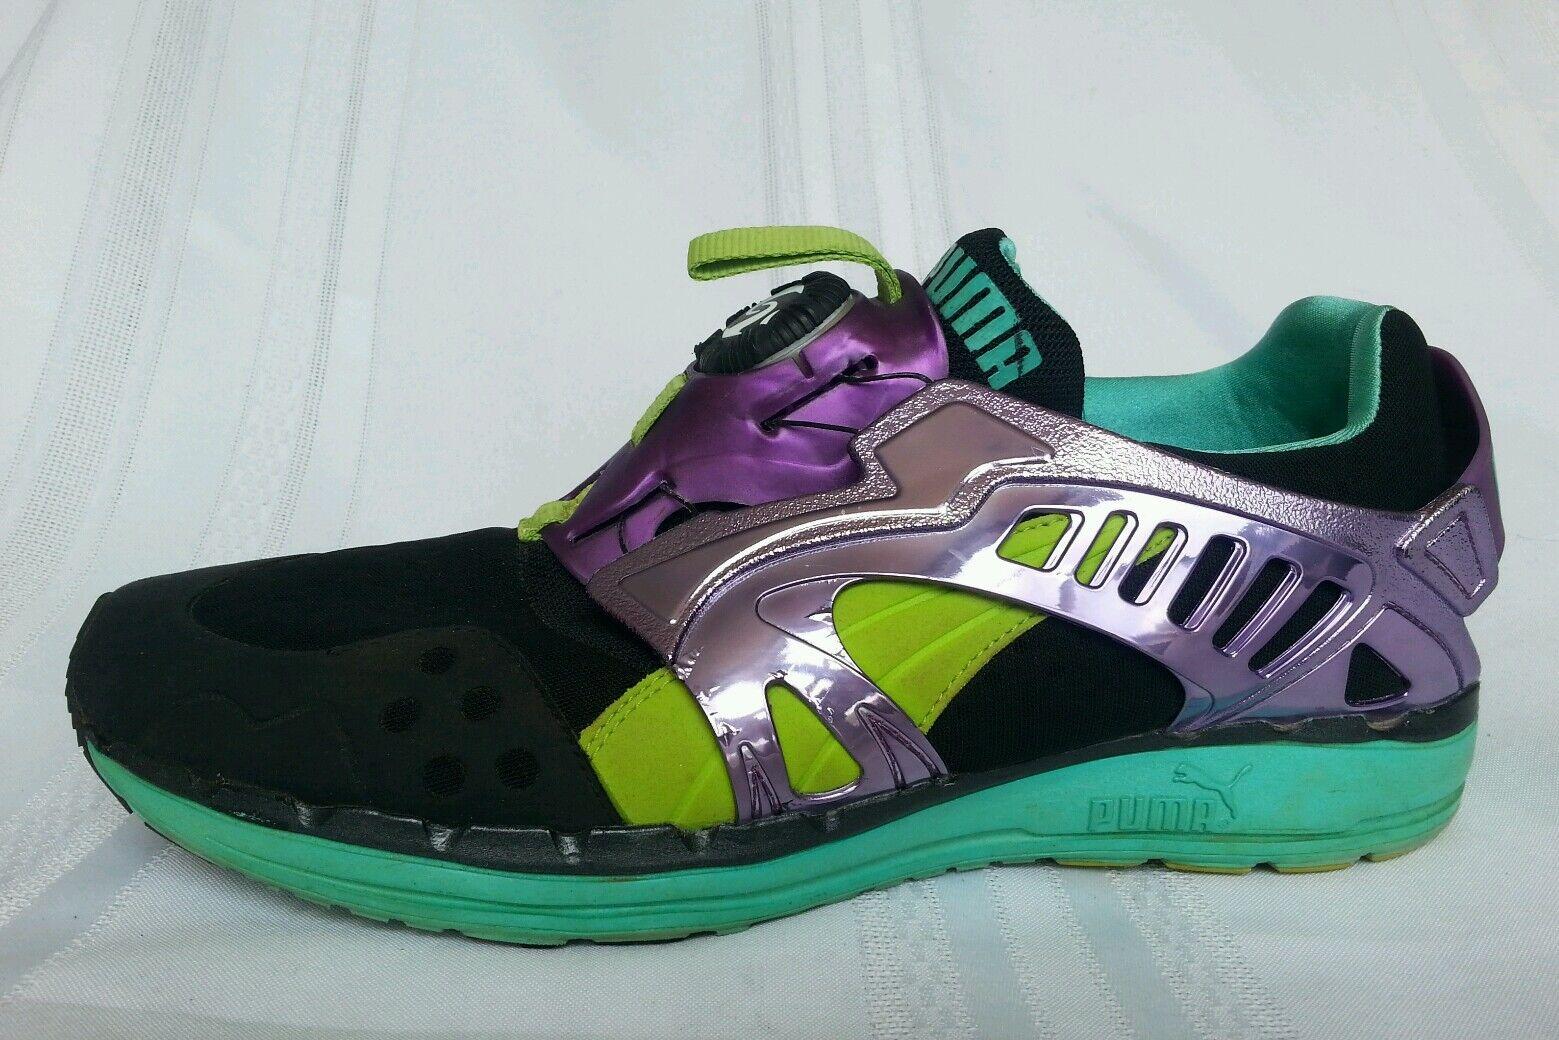 detailed look 55521 a2994 Puma Puma Puma Disk System Hombre Athletic Shoes Talla 12 multi color el  mas popular de. Reducción de precio Air ...